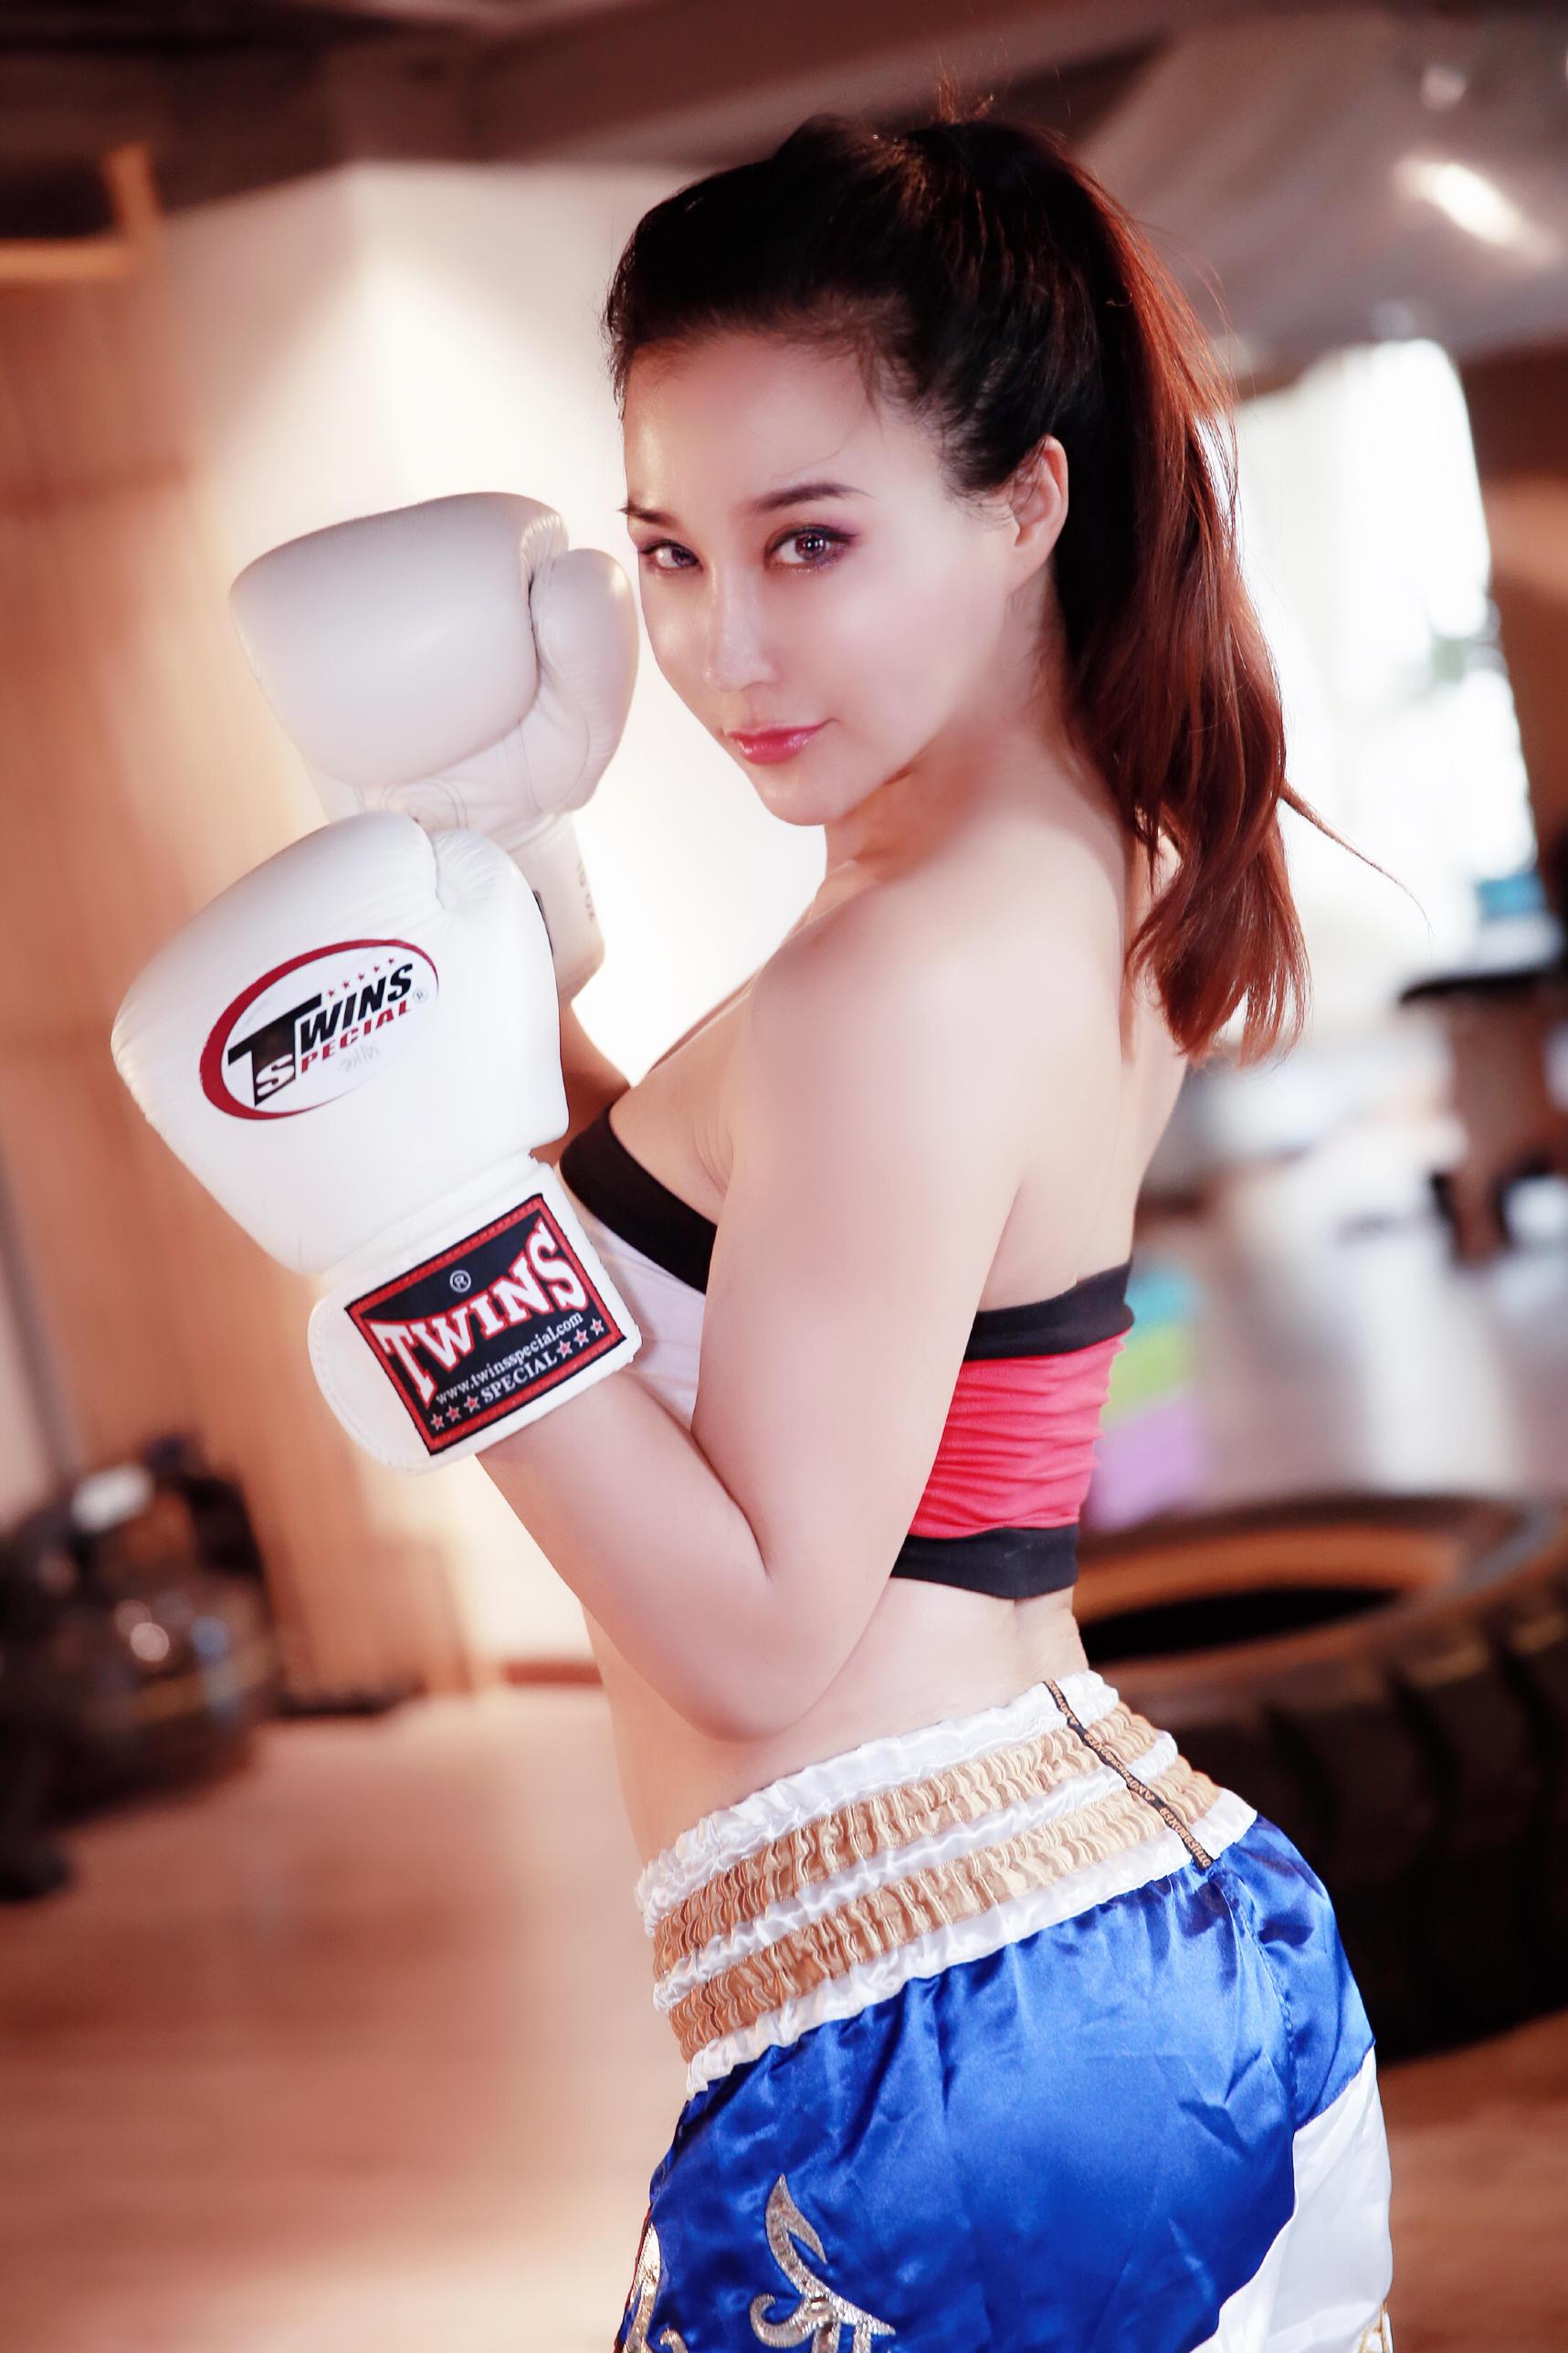 三国混血演员安娜金一组泰拳写真曝光